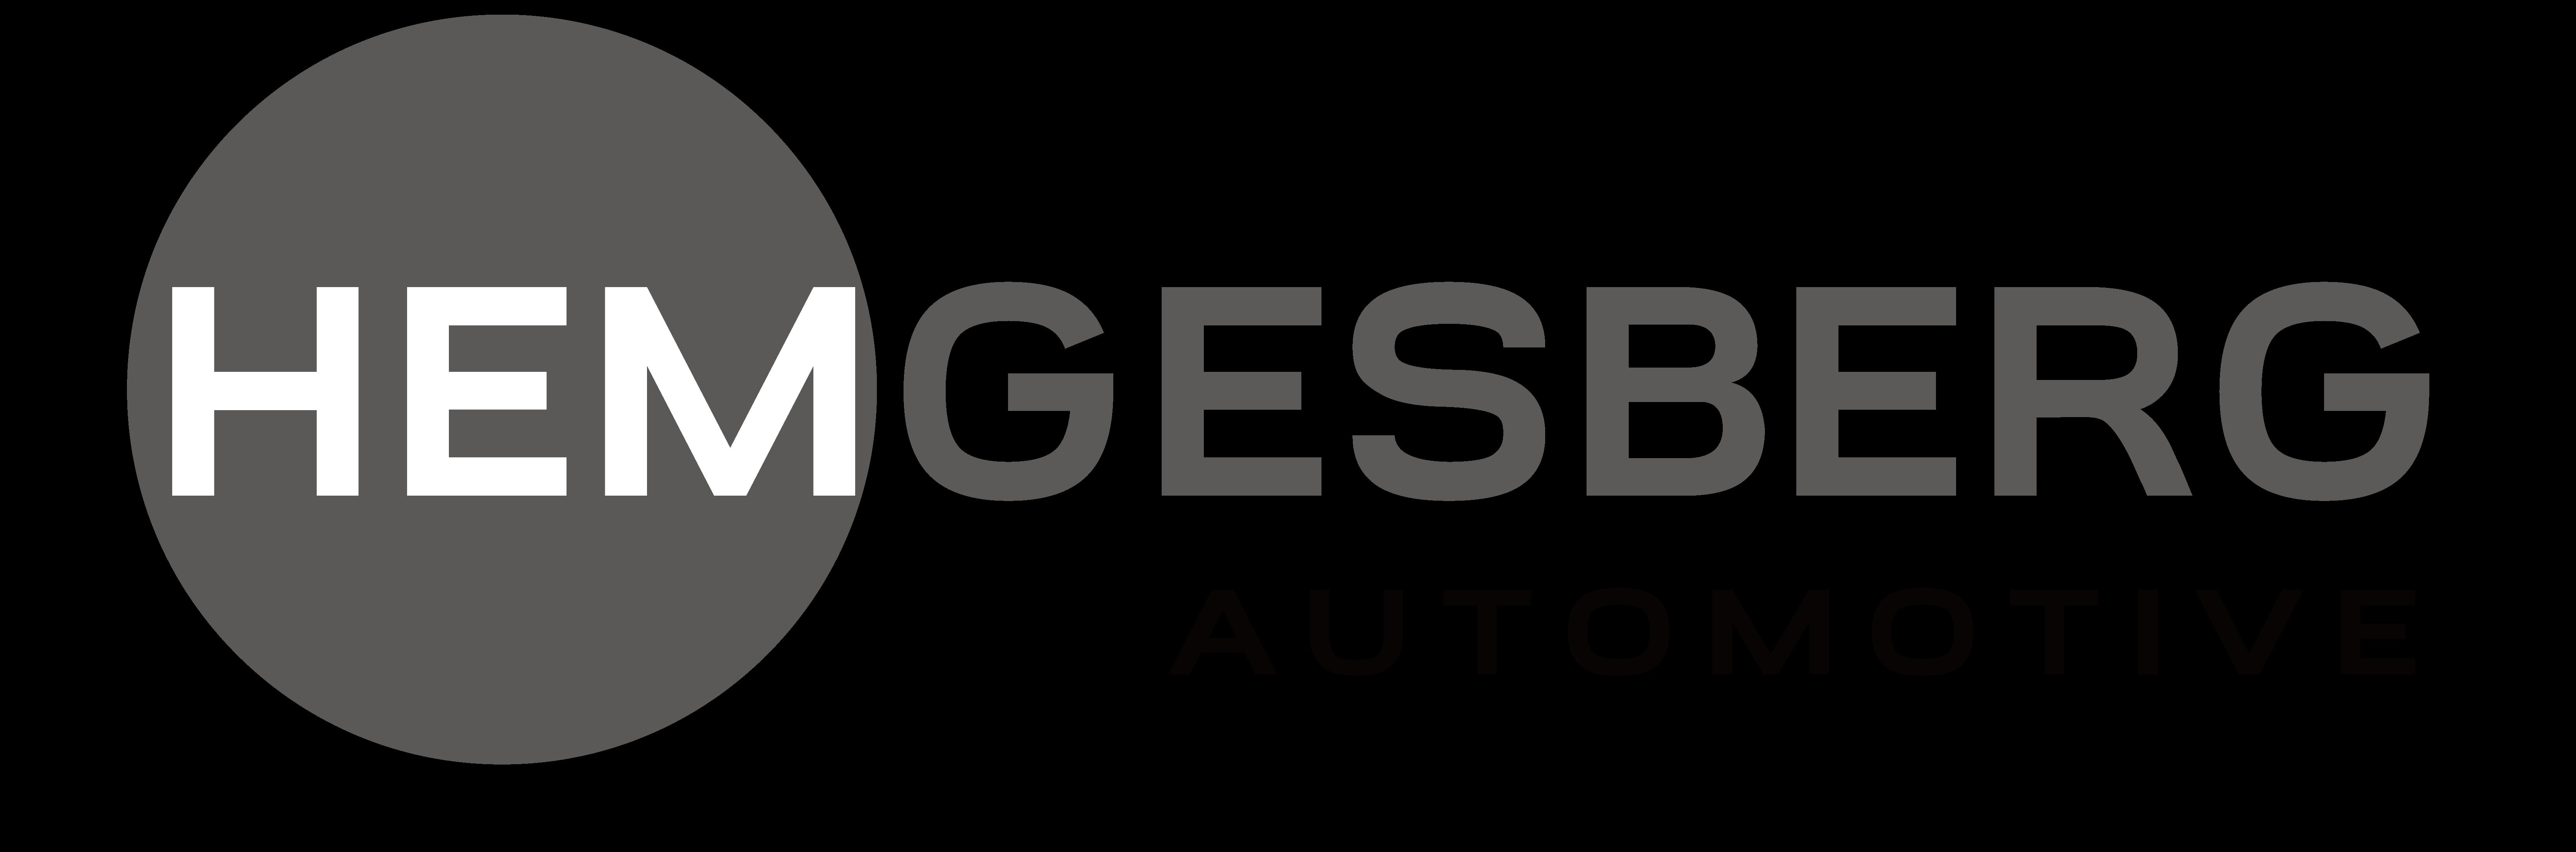 Hemgesberg2000 - Firma Hemgesberg